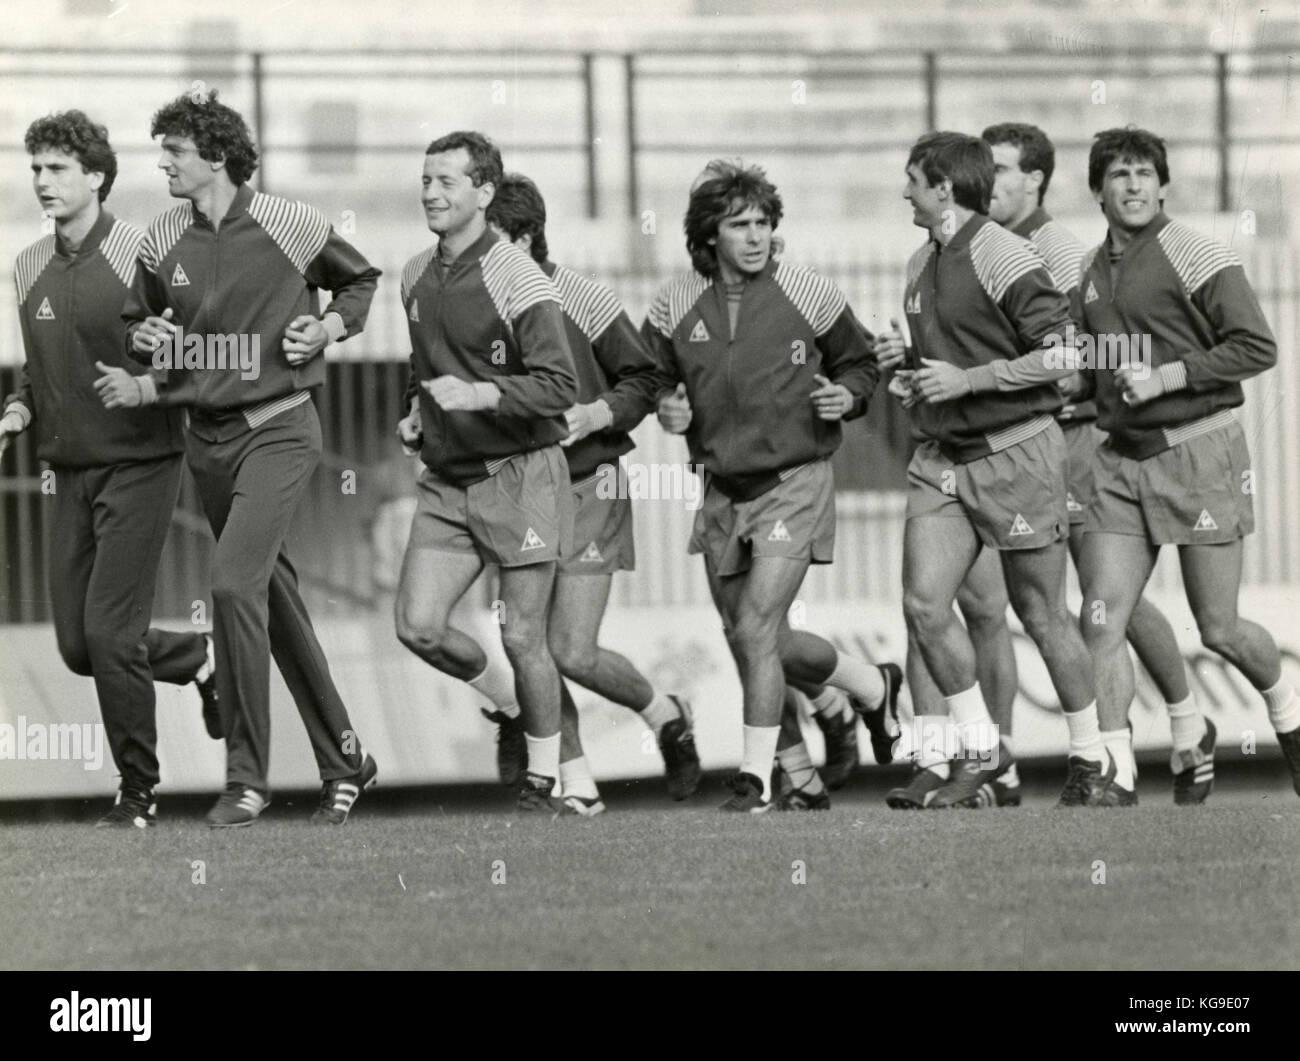 La formazione della nazionale italiana di calcio 1985 Immagini Stock